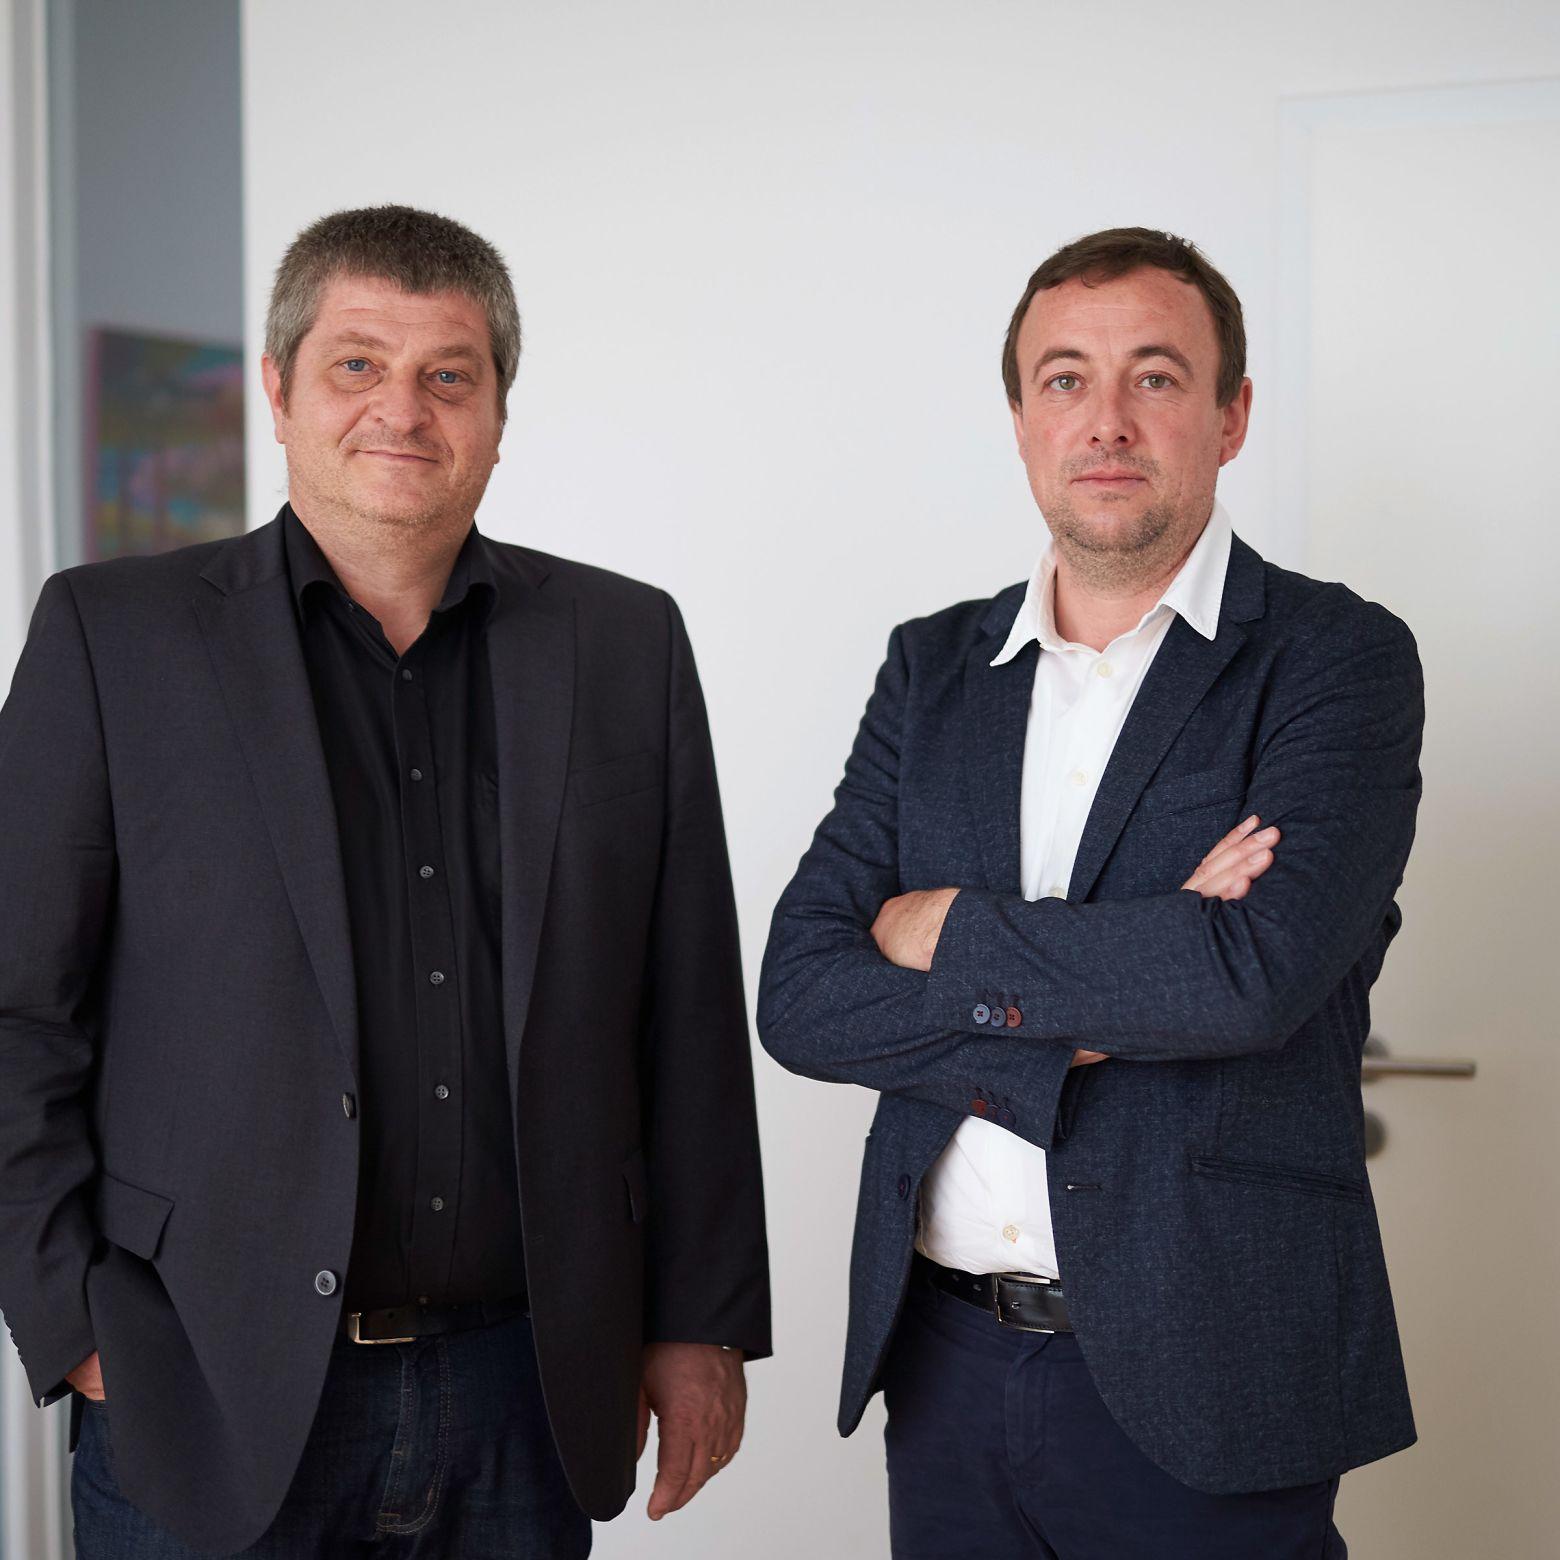 Hans Kazzer und Martin Aichner